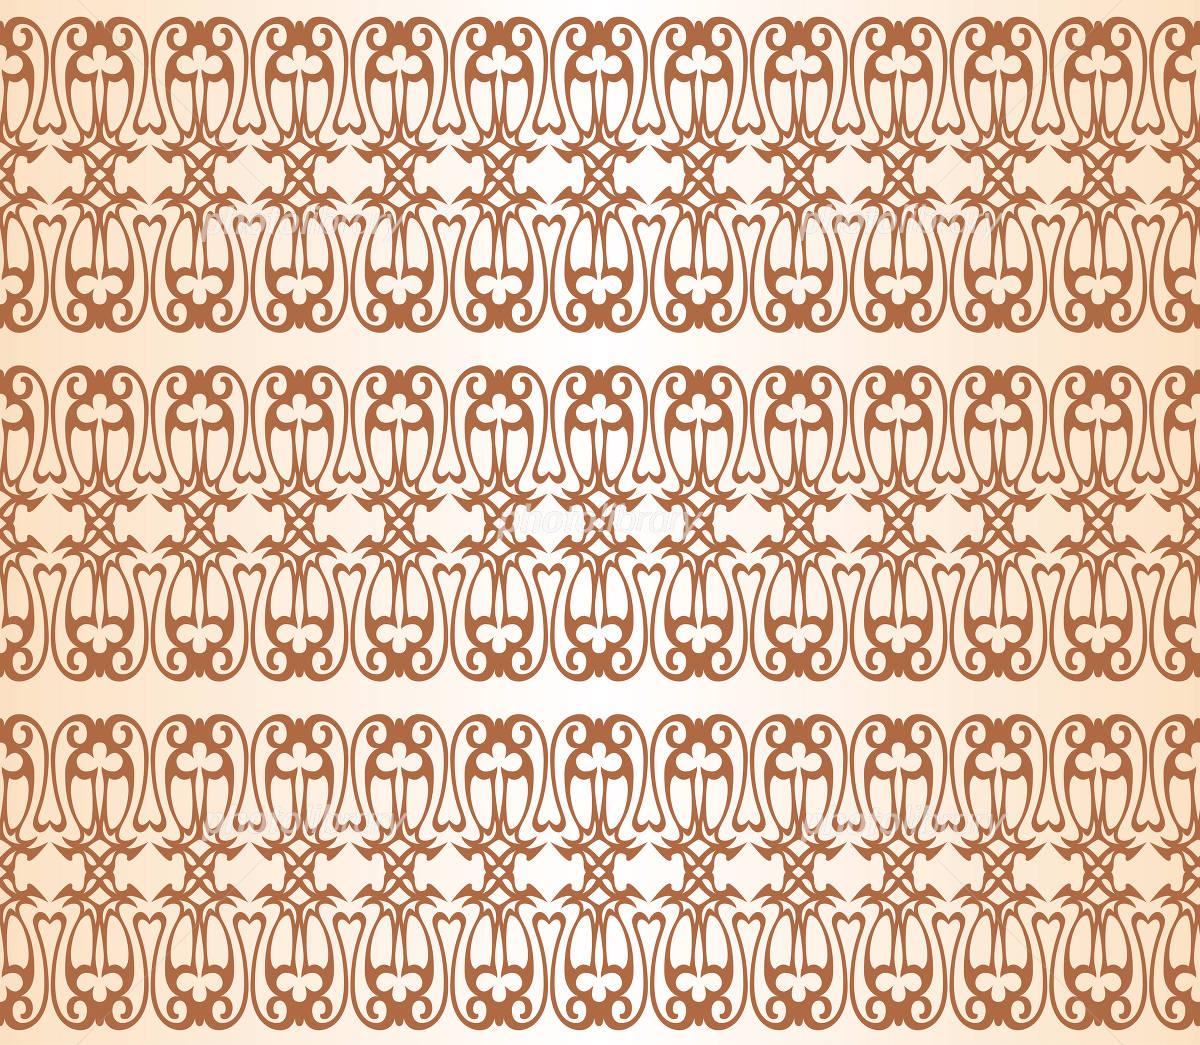 ゴシック調 壁紙 イラスト素材 1601182 フォトライブラリー